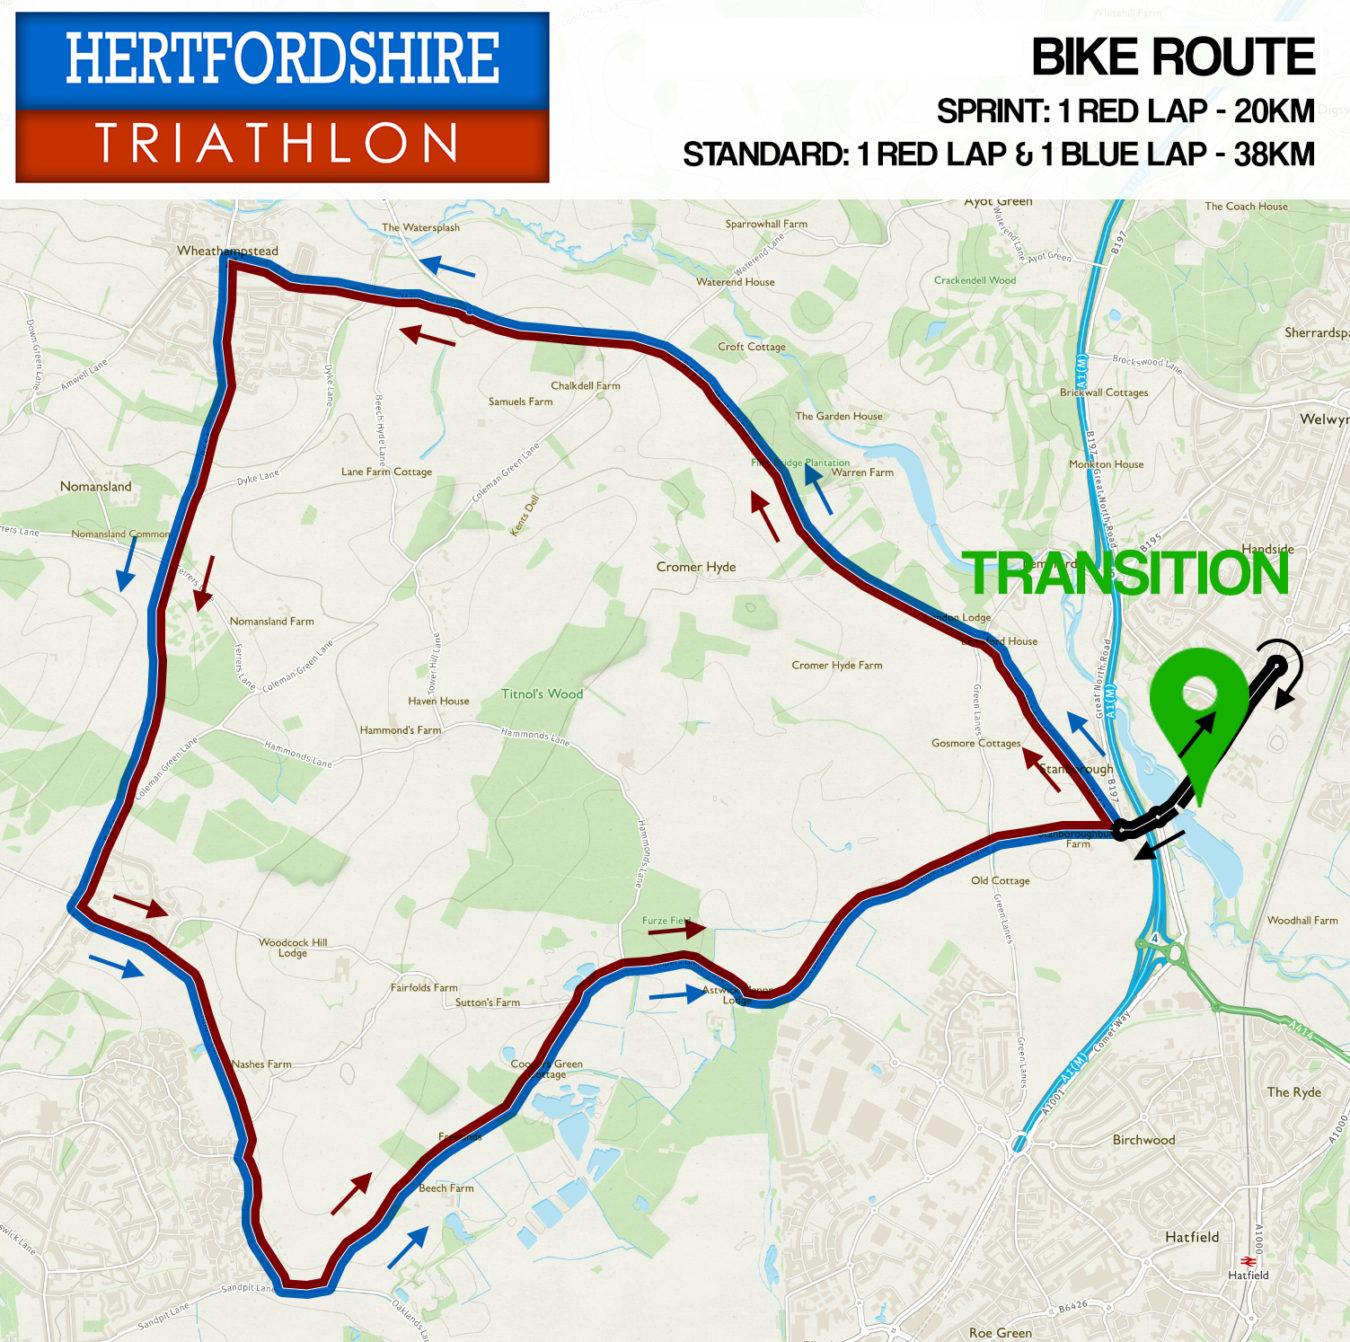 Herts Tri Bike